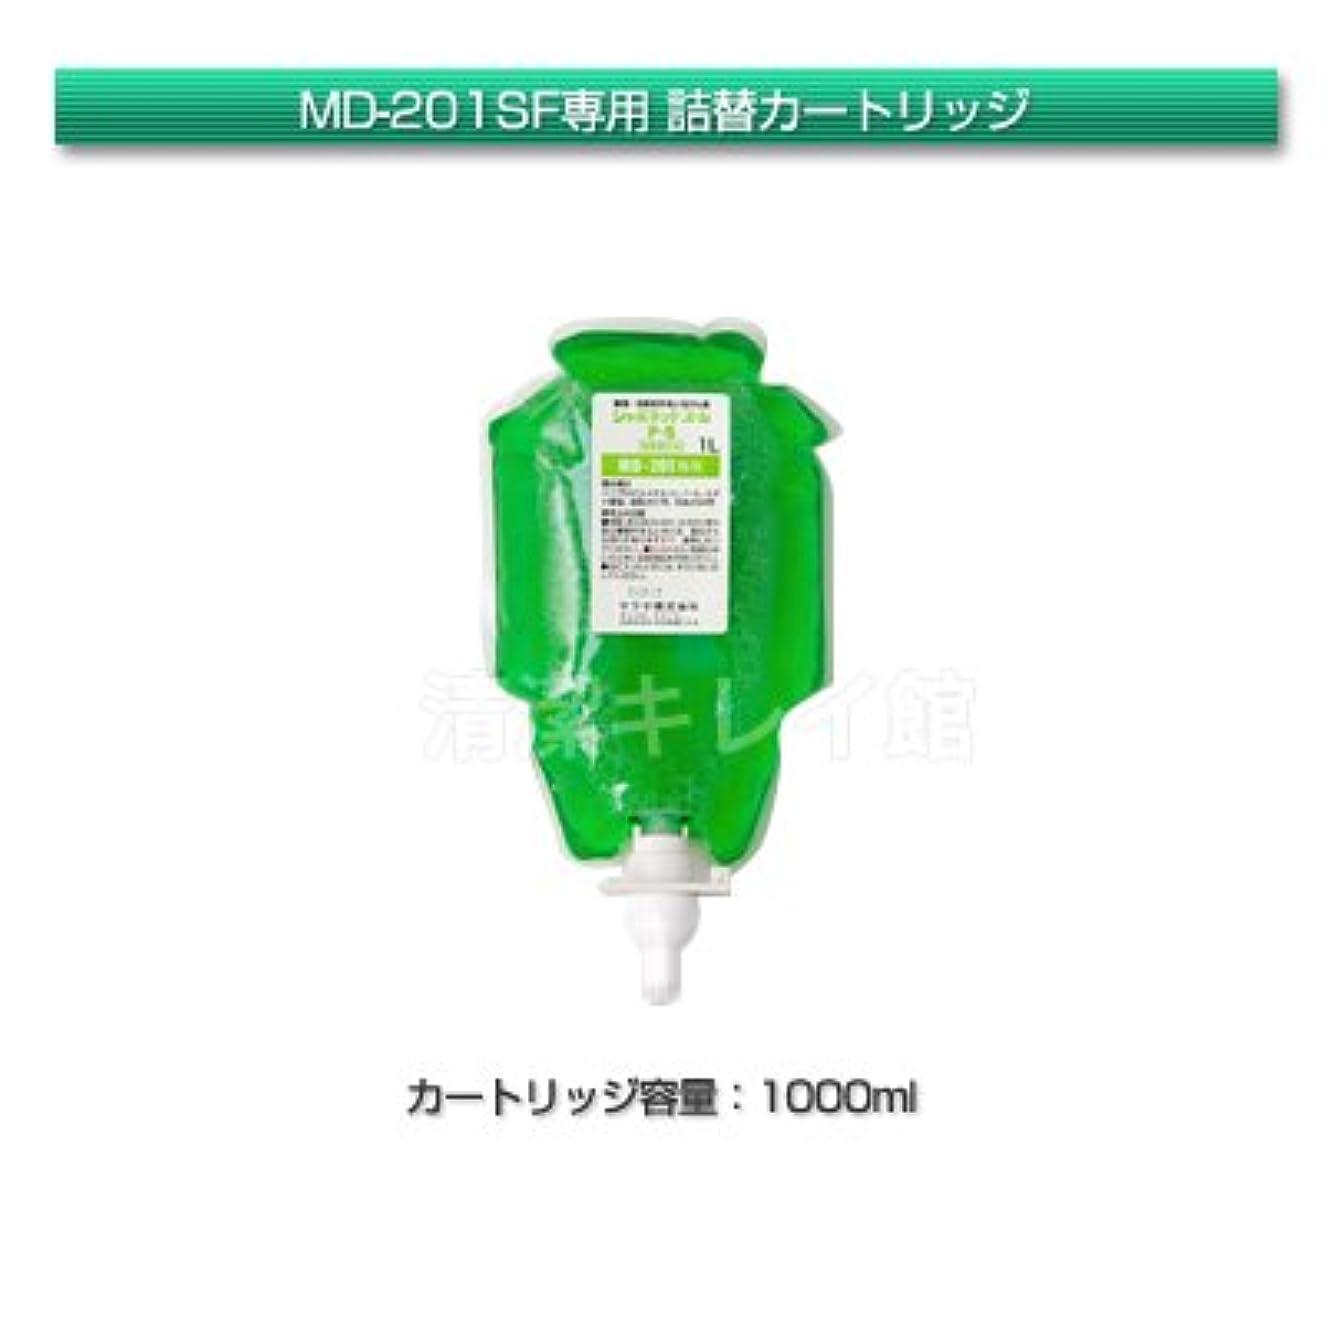 放射する変わるペルメルサラヤ プッシュ式石鹸液 MD-201SF(泡)専用カートリッジ(ユムP-5)1000ml【清潔キレイ館】